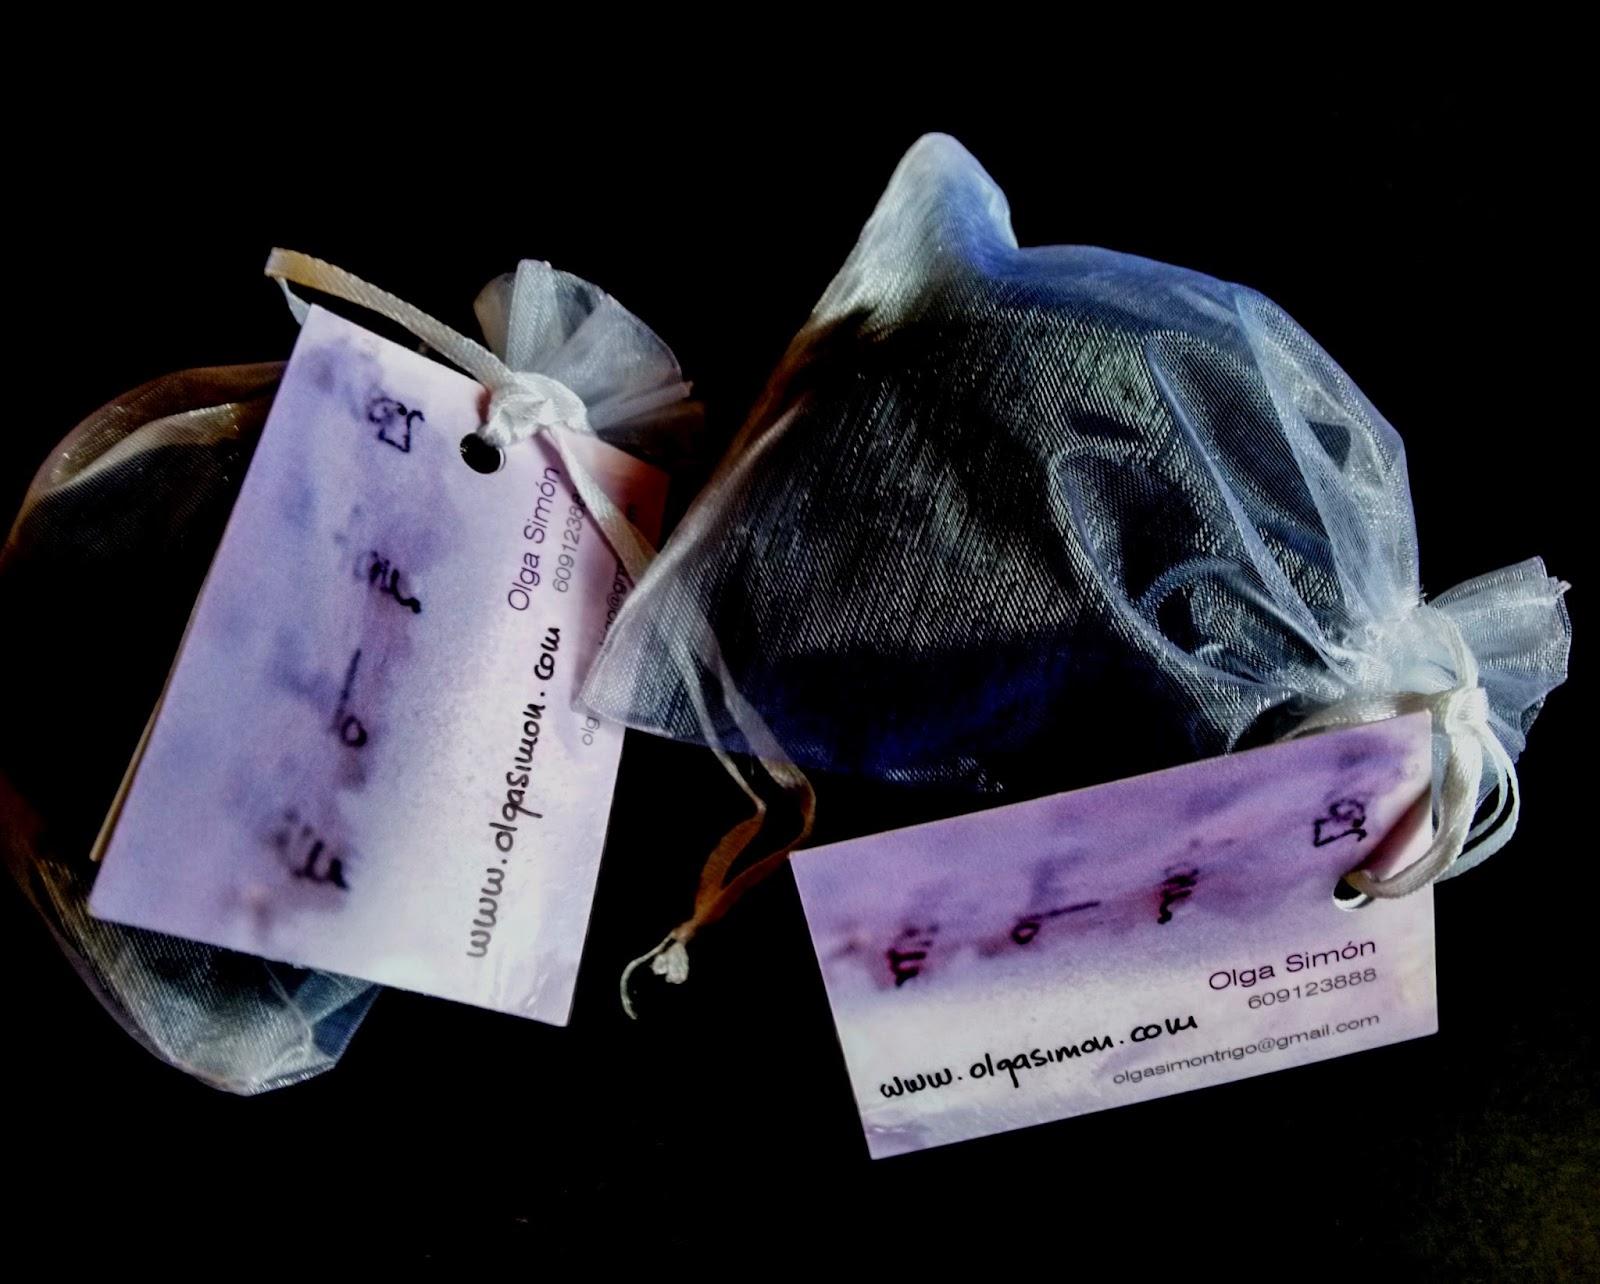 Boko Haram, Bring Back Our Girls, Secuestro, Niña nigerianas, Rapto, Grupo radical islamista, Arte, Solidaridad, Ong, Mujeres maltatradas,  Arte, Solidaridad, Dolor, Lágrimas, Olga Simon, Yvonne Brochard, Voa Gallery, Blog de arte, Arte contemporáneo, Tears,